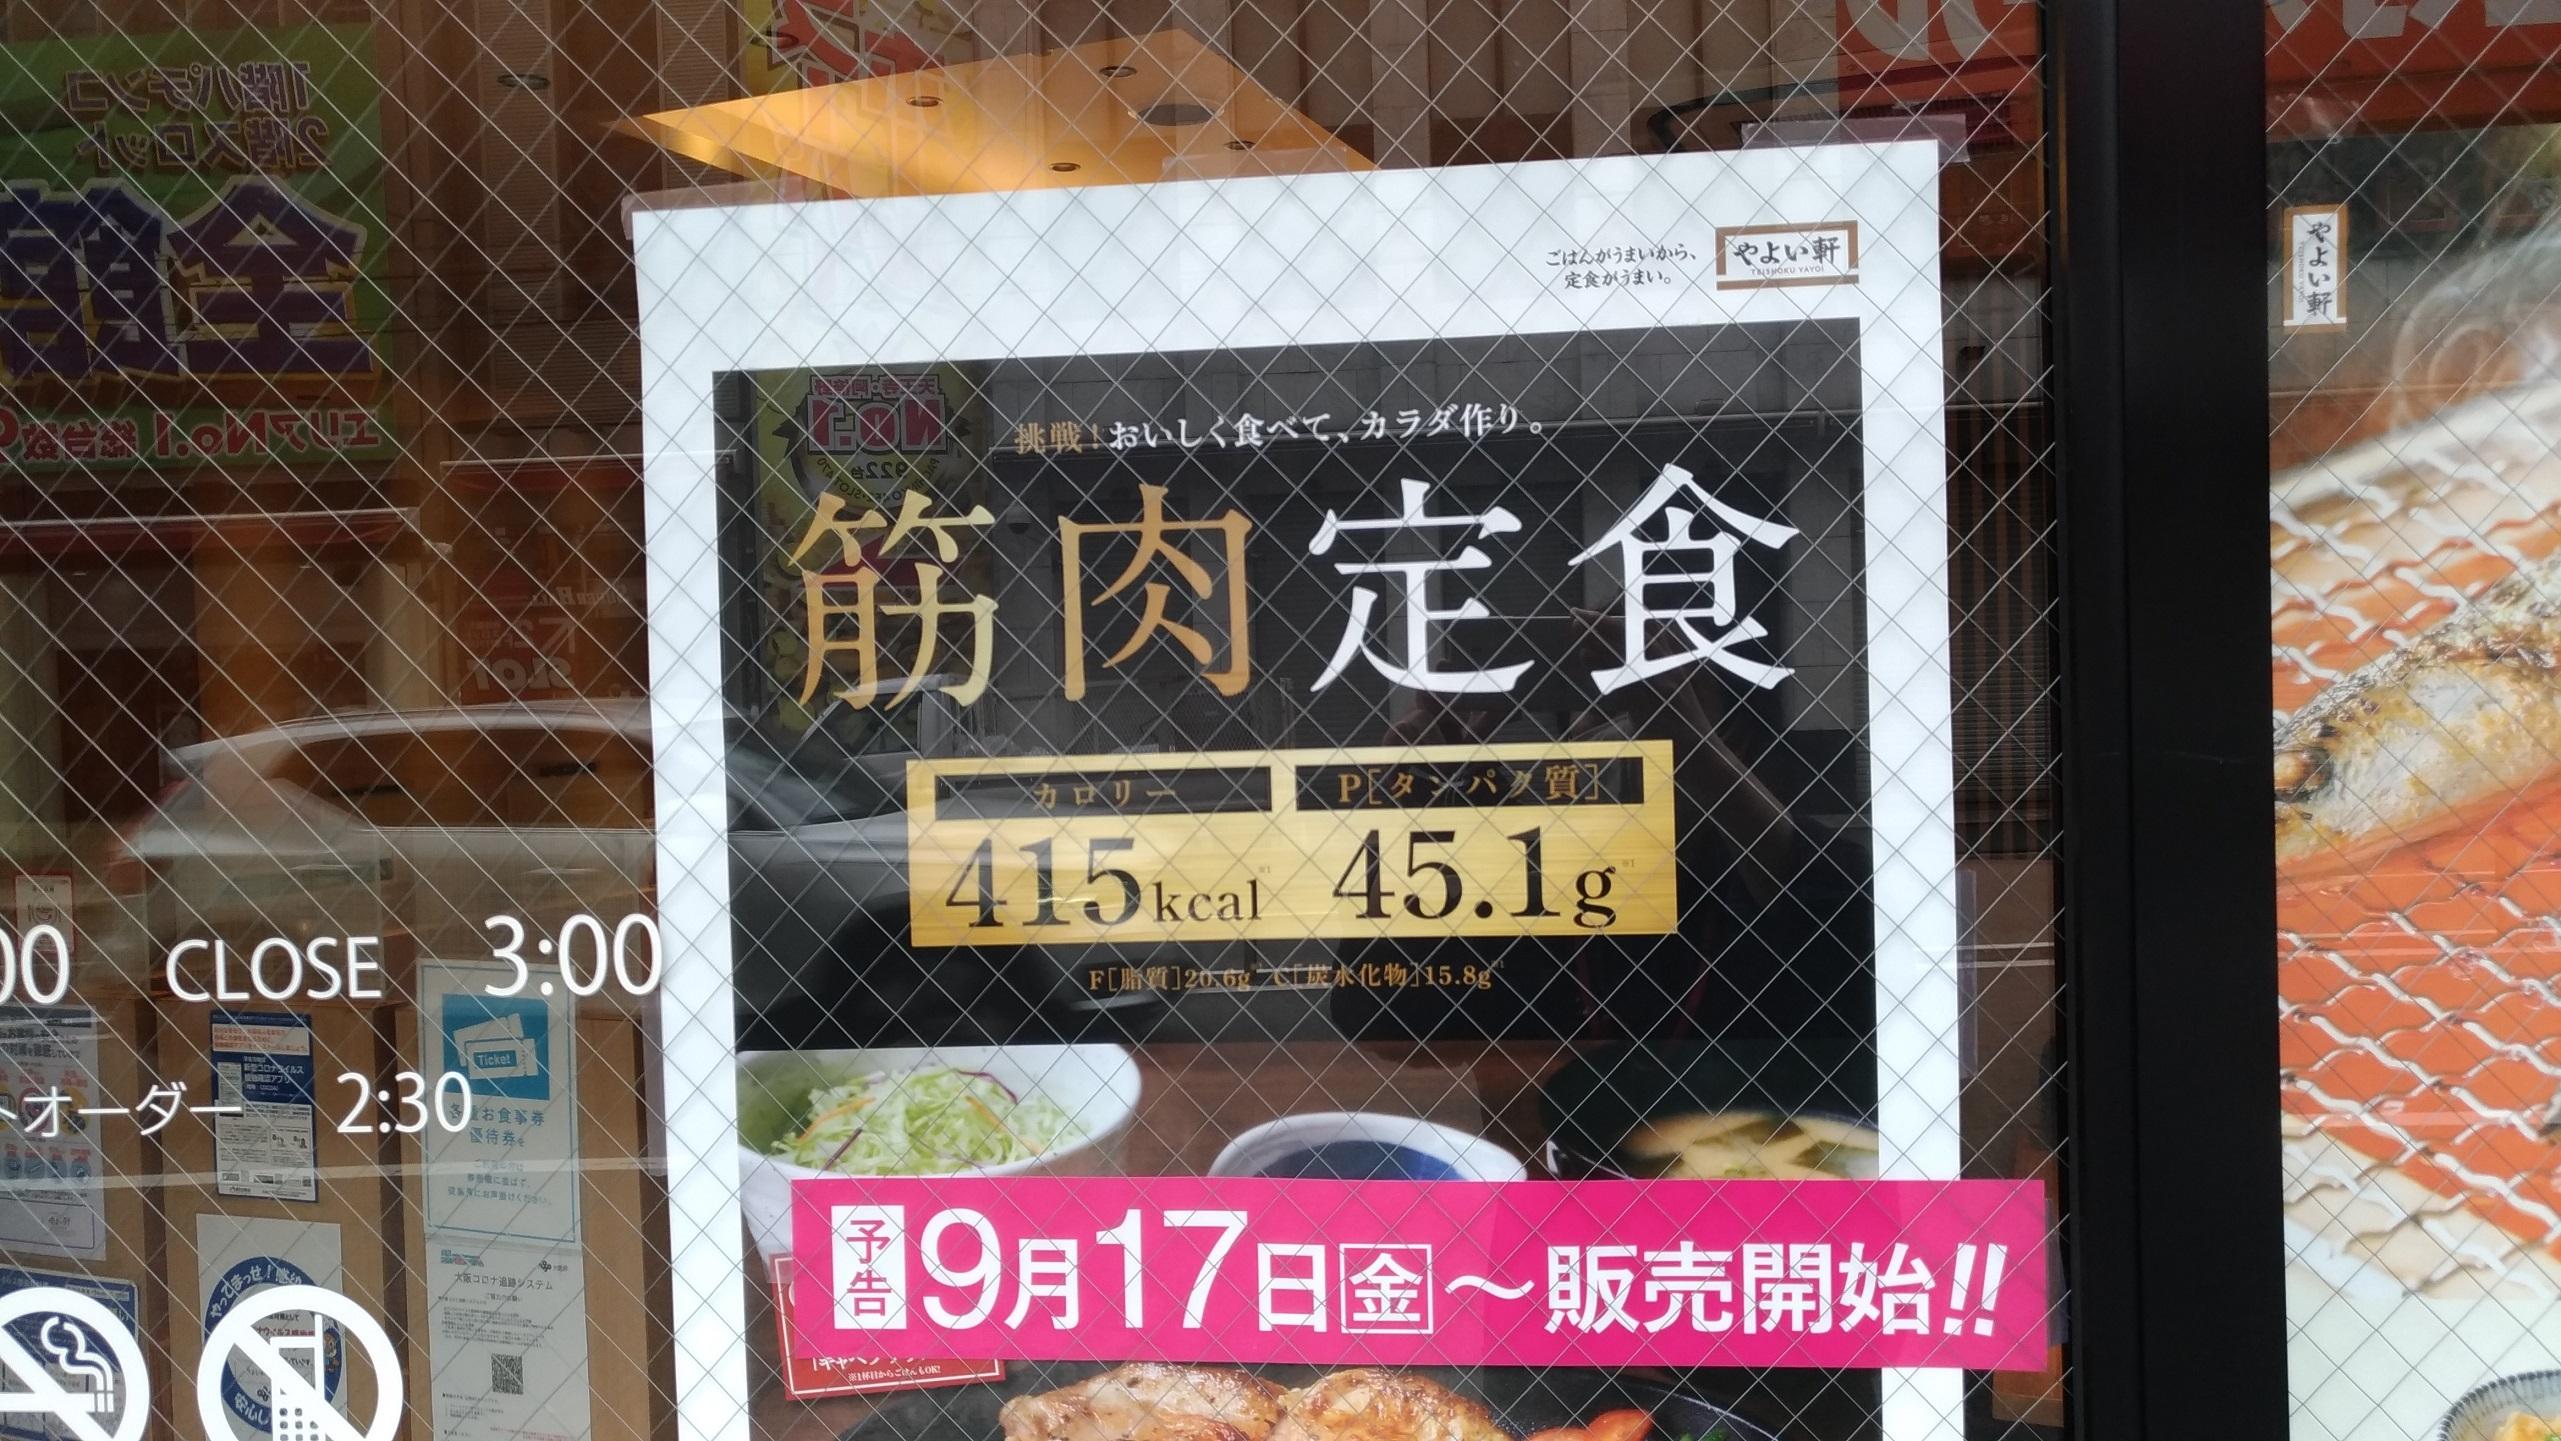 yayoi_lunch_09171.jpg